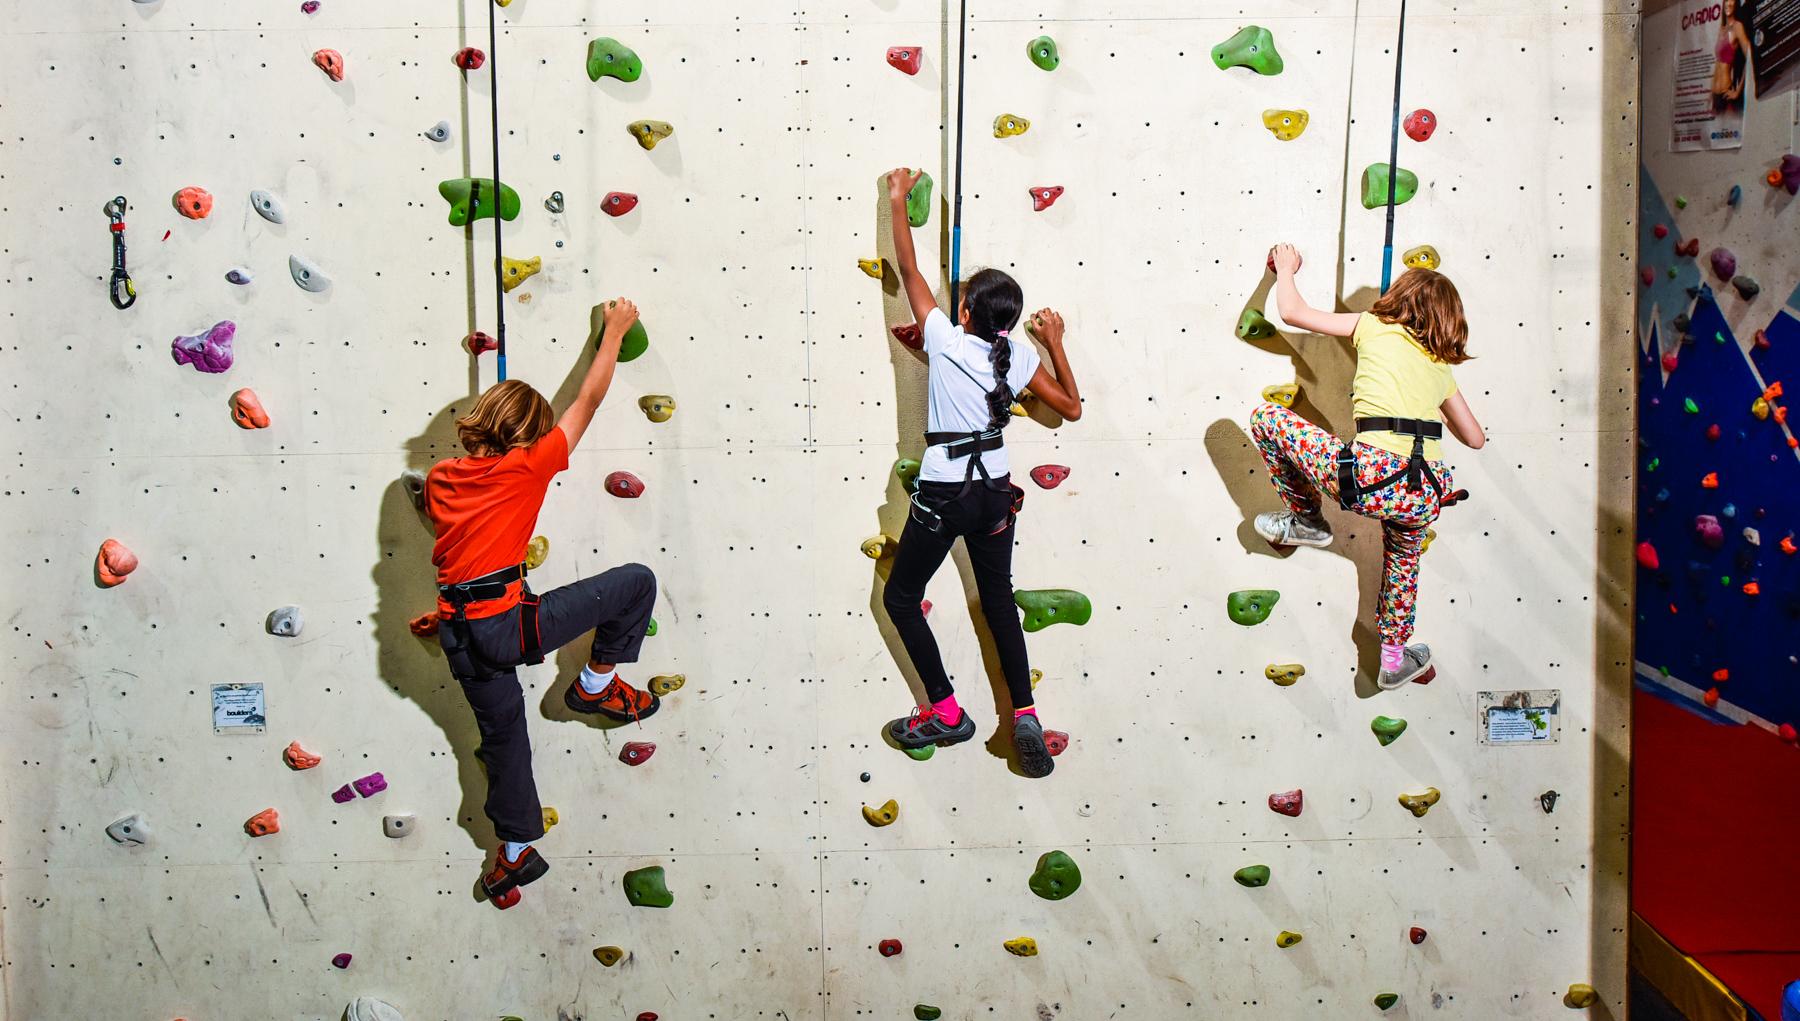 Boulders-7313.jpg